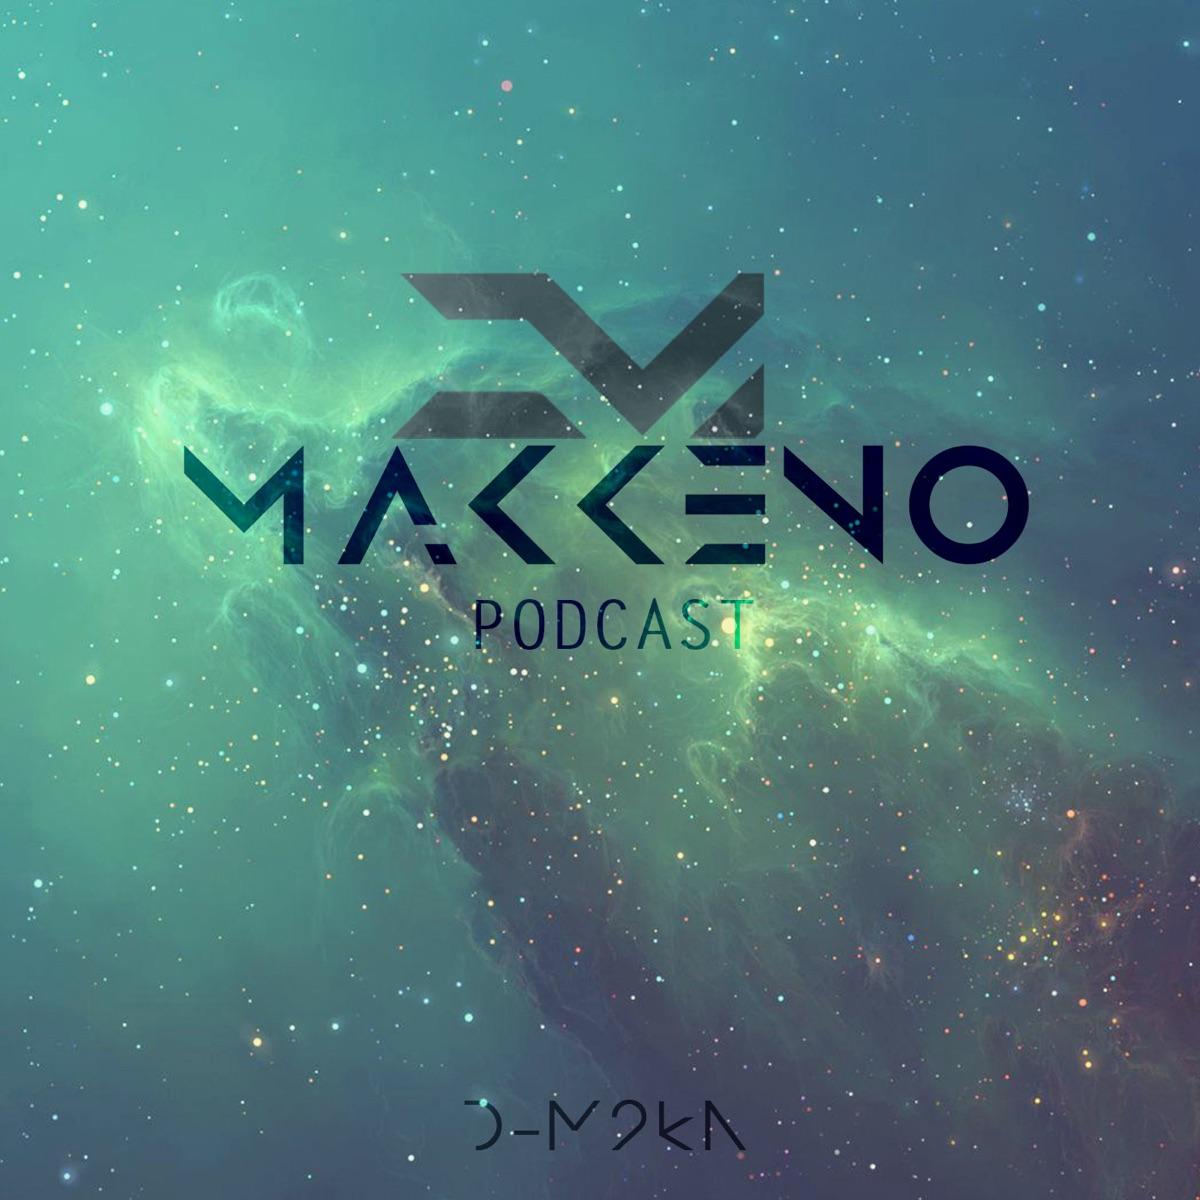 Makkeno Podcast